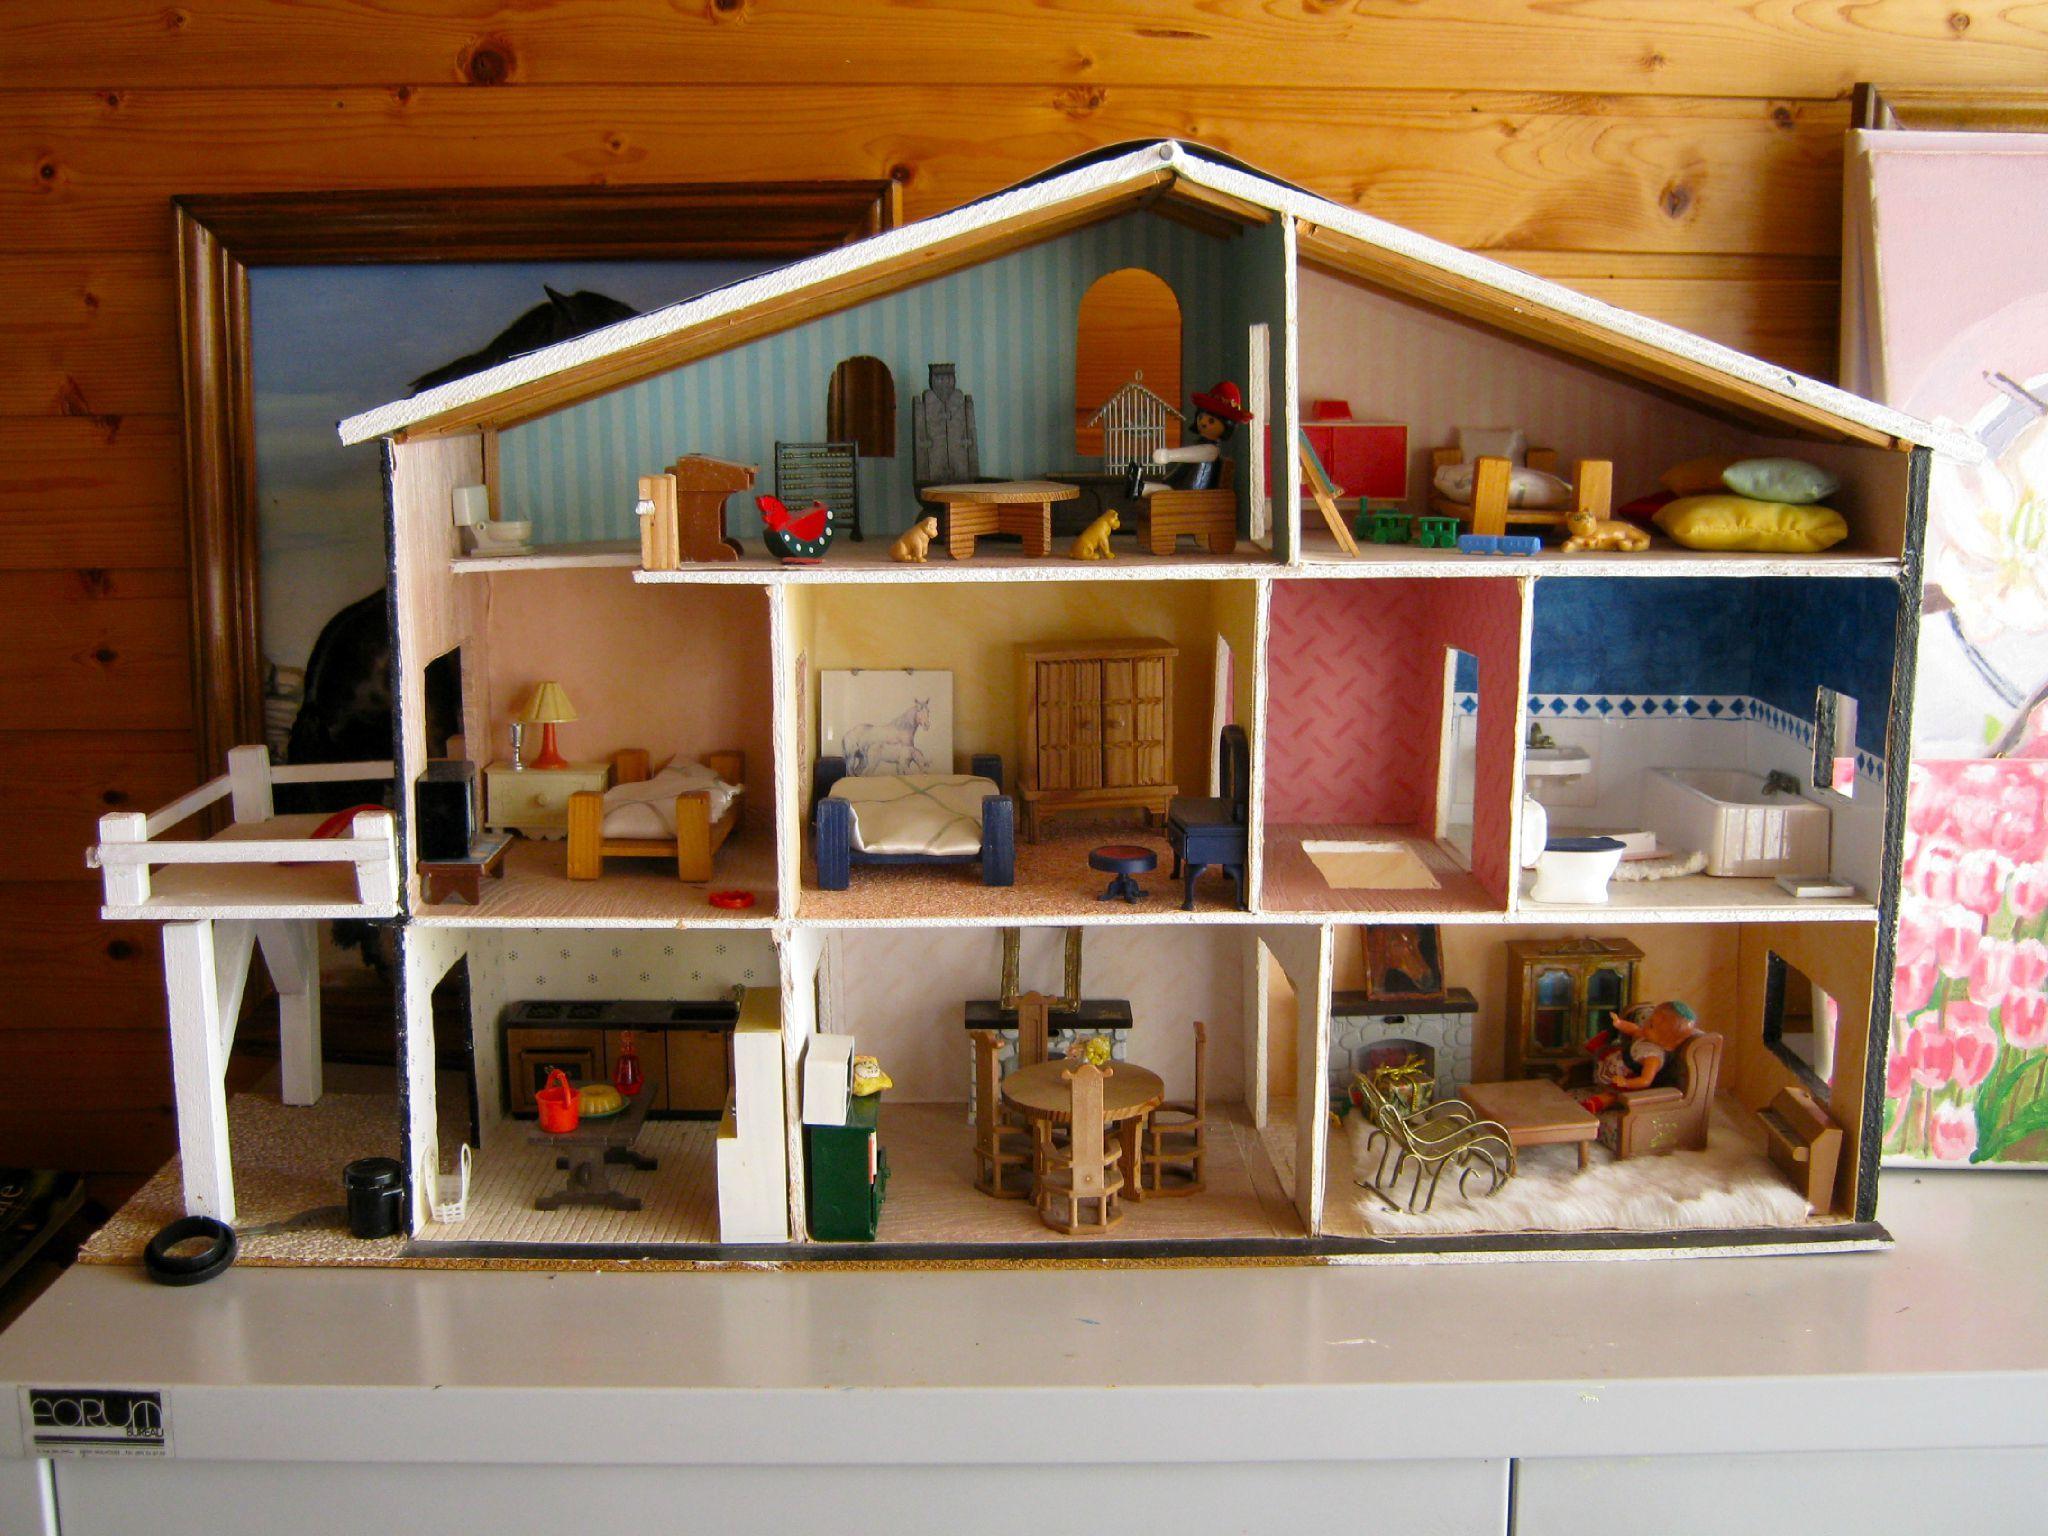 Meuble Salle De Bain Cooke Et Lewis Calao ~ les murs de la salle de bain maison de poup e playmobil et autre